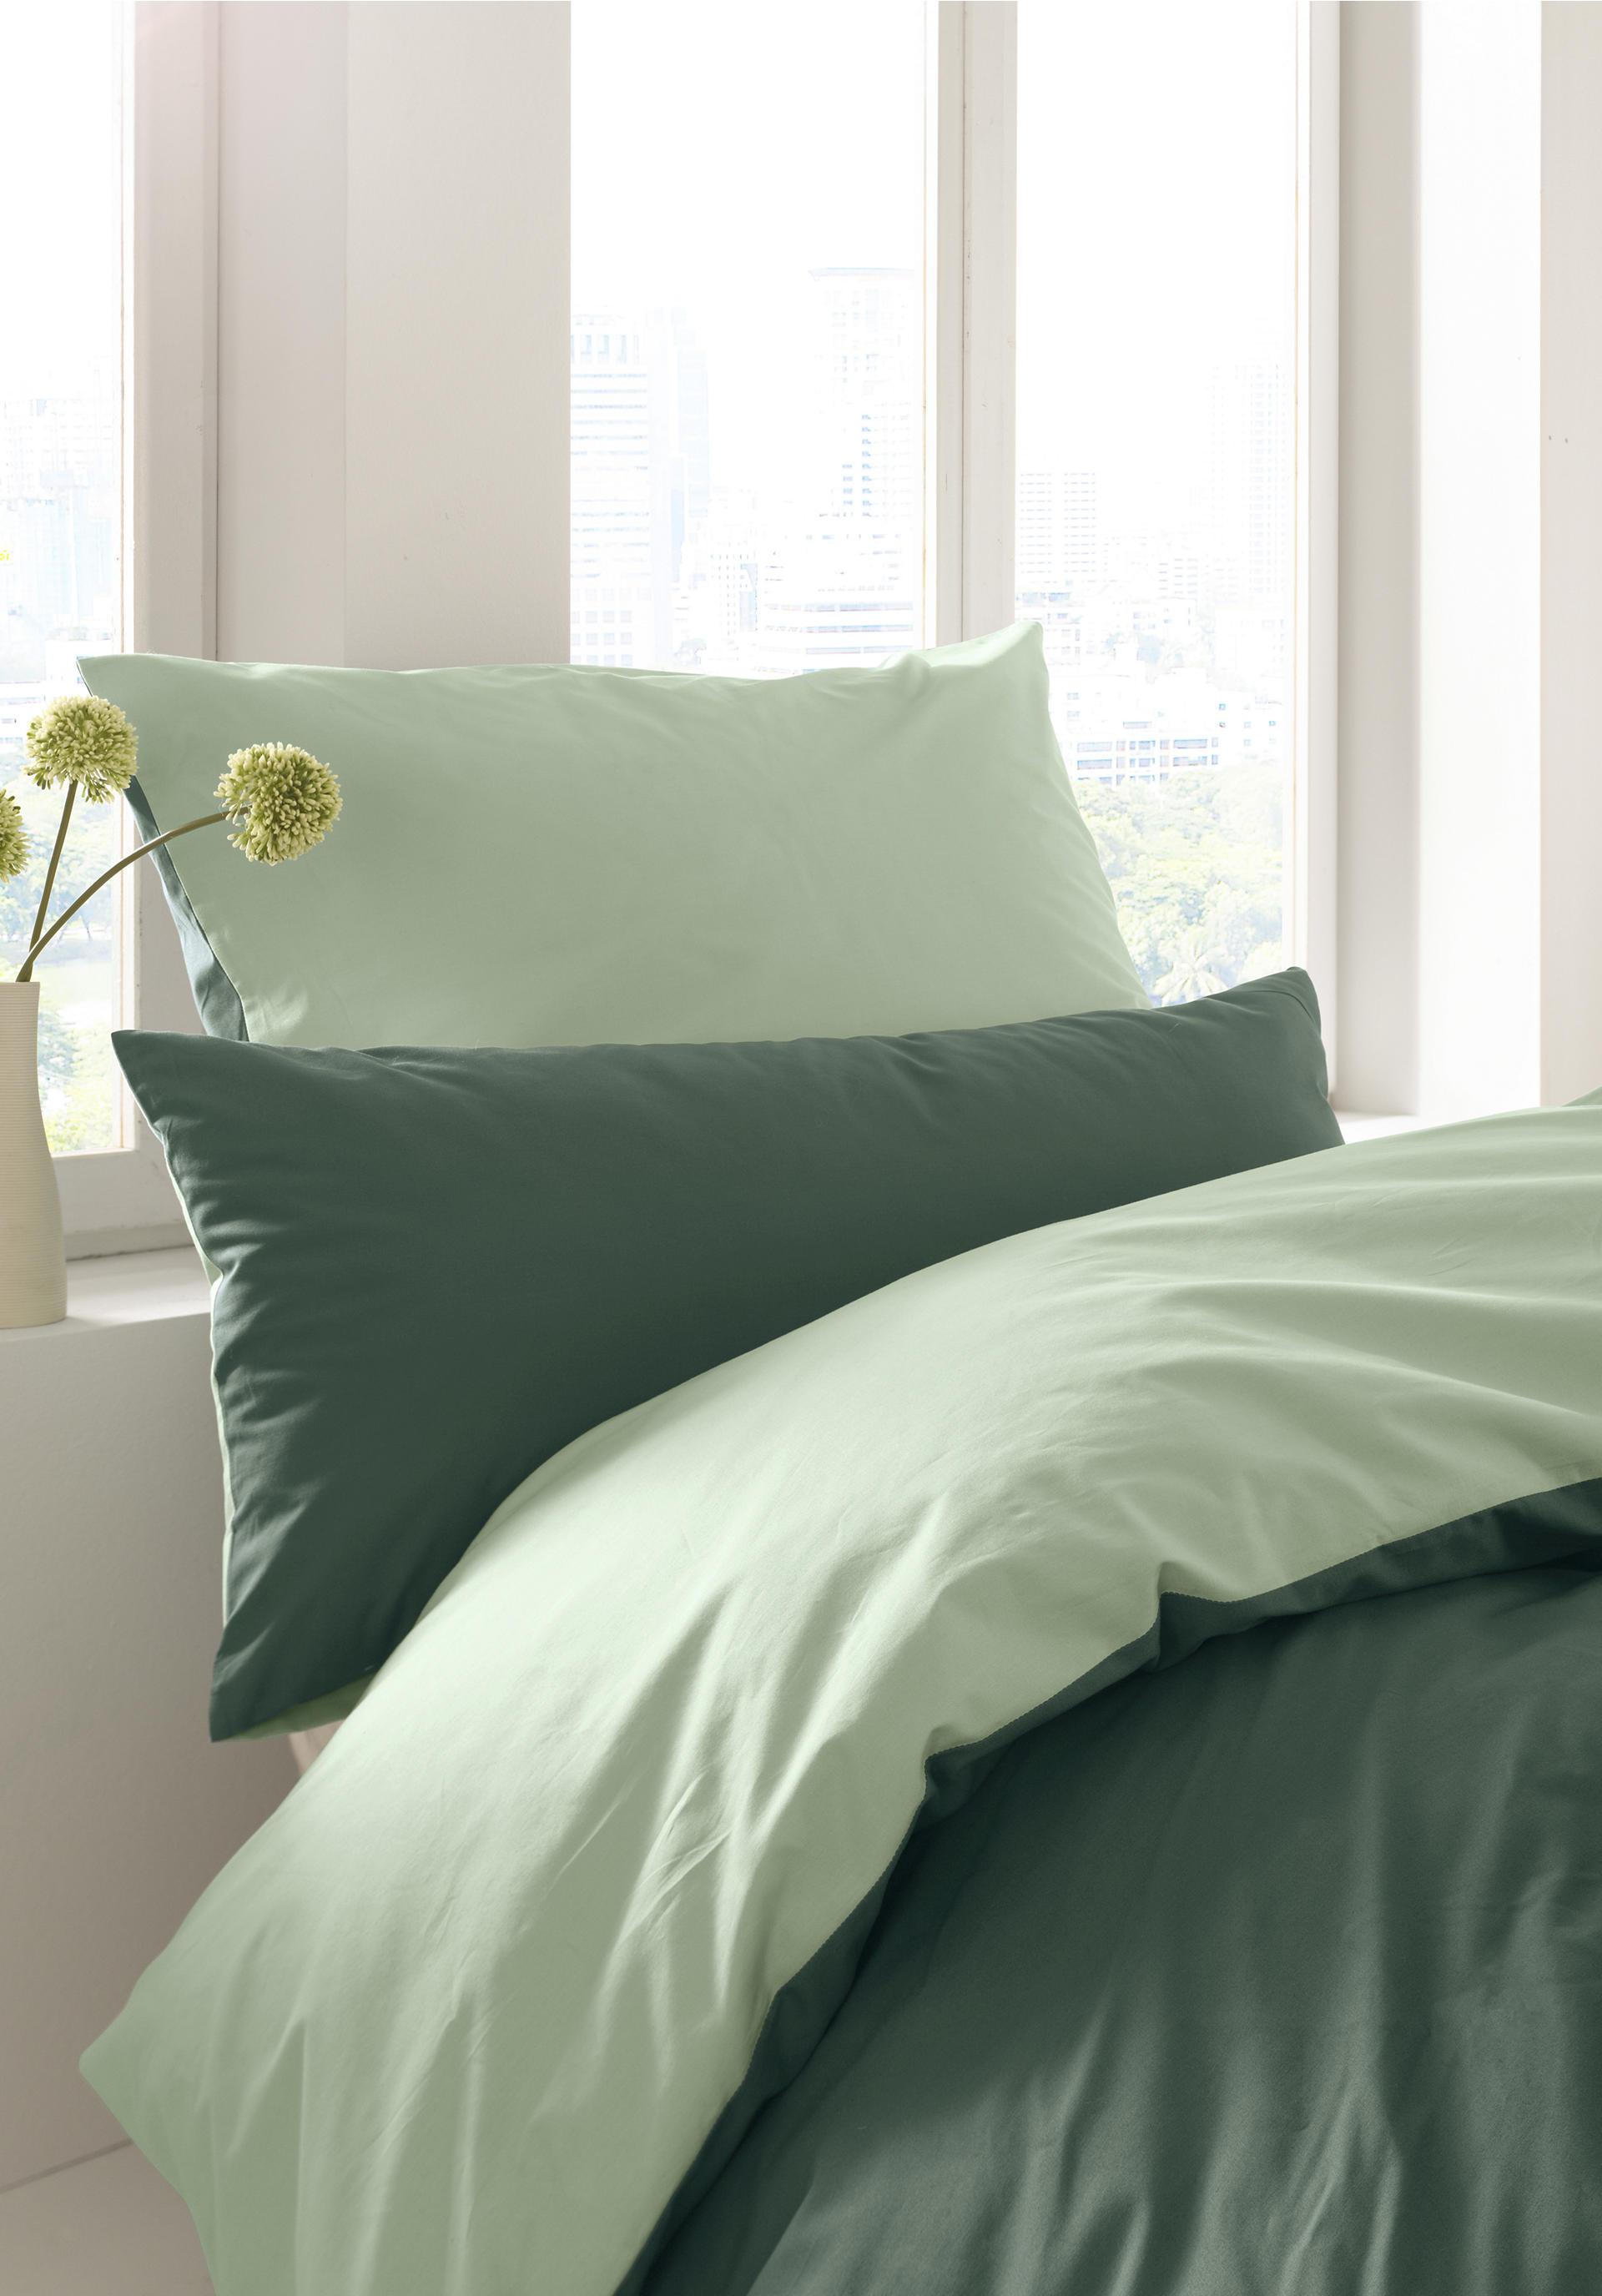 bettw sche matratzen und gardinen reduziert zum sonderpreis hessnatur schweiz. Black Bedroom Furniture Sets. Home Design Ideas